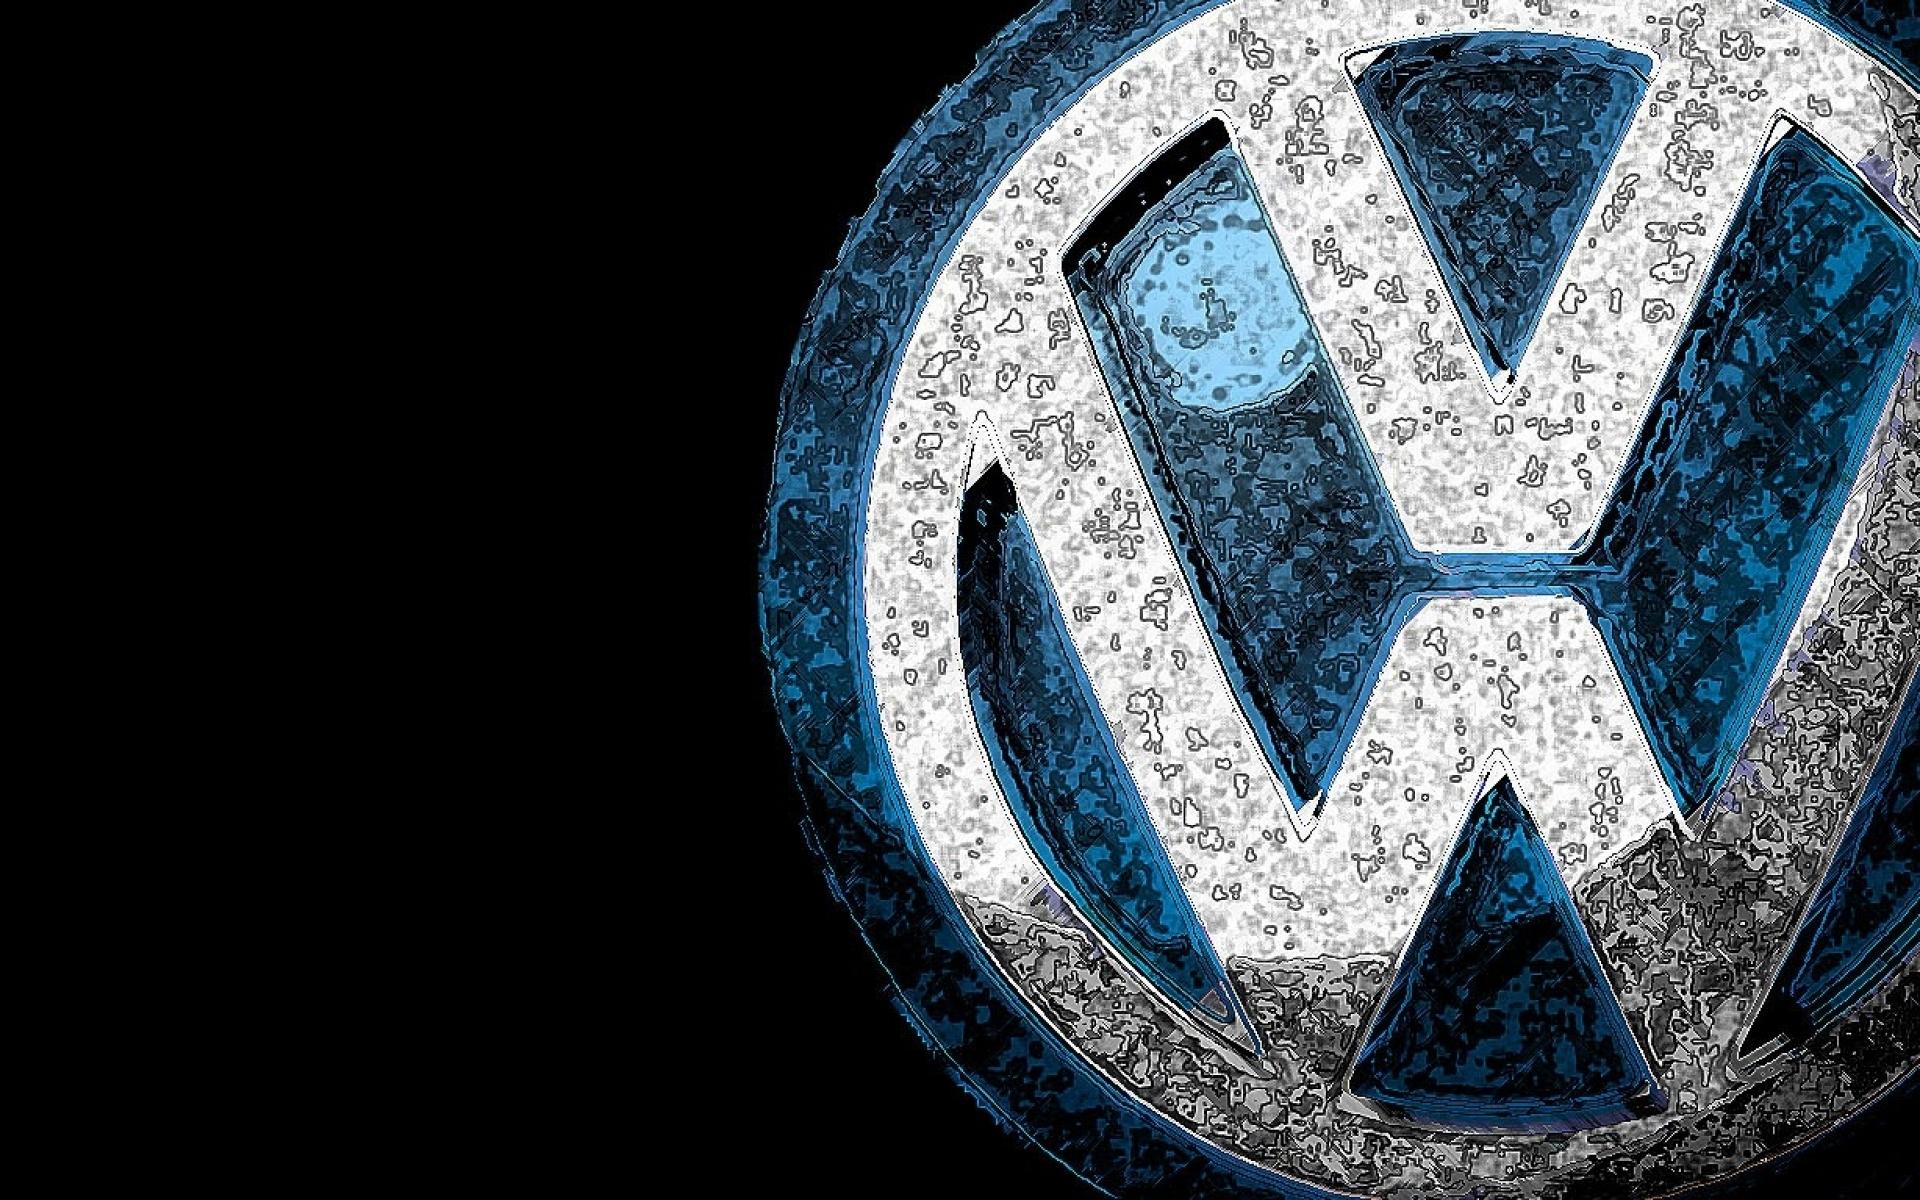 Volkswagen Pictures and Wallpapers - WallpaperSafari